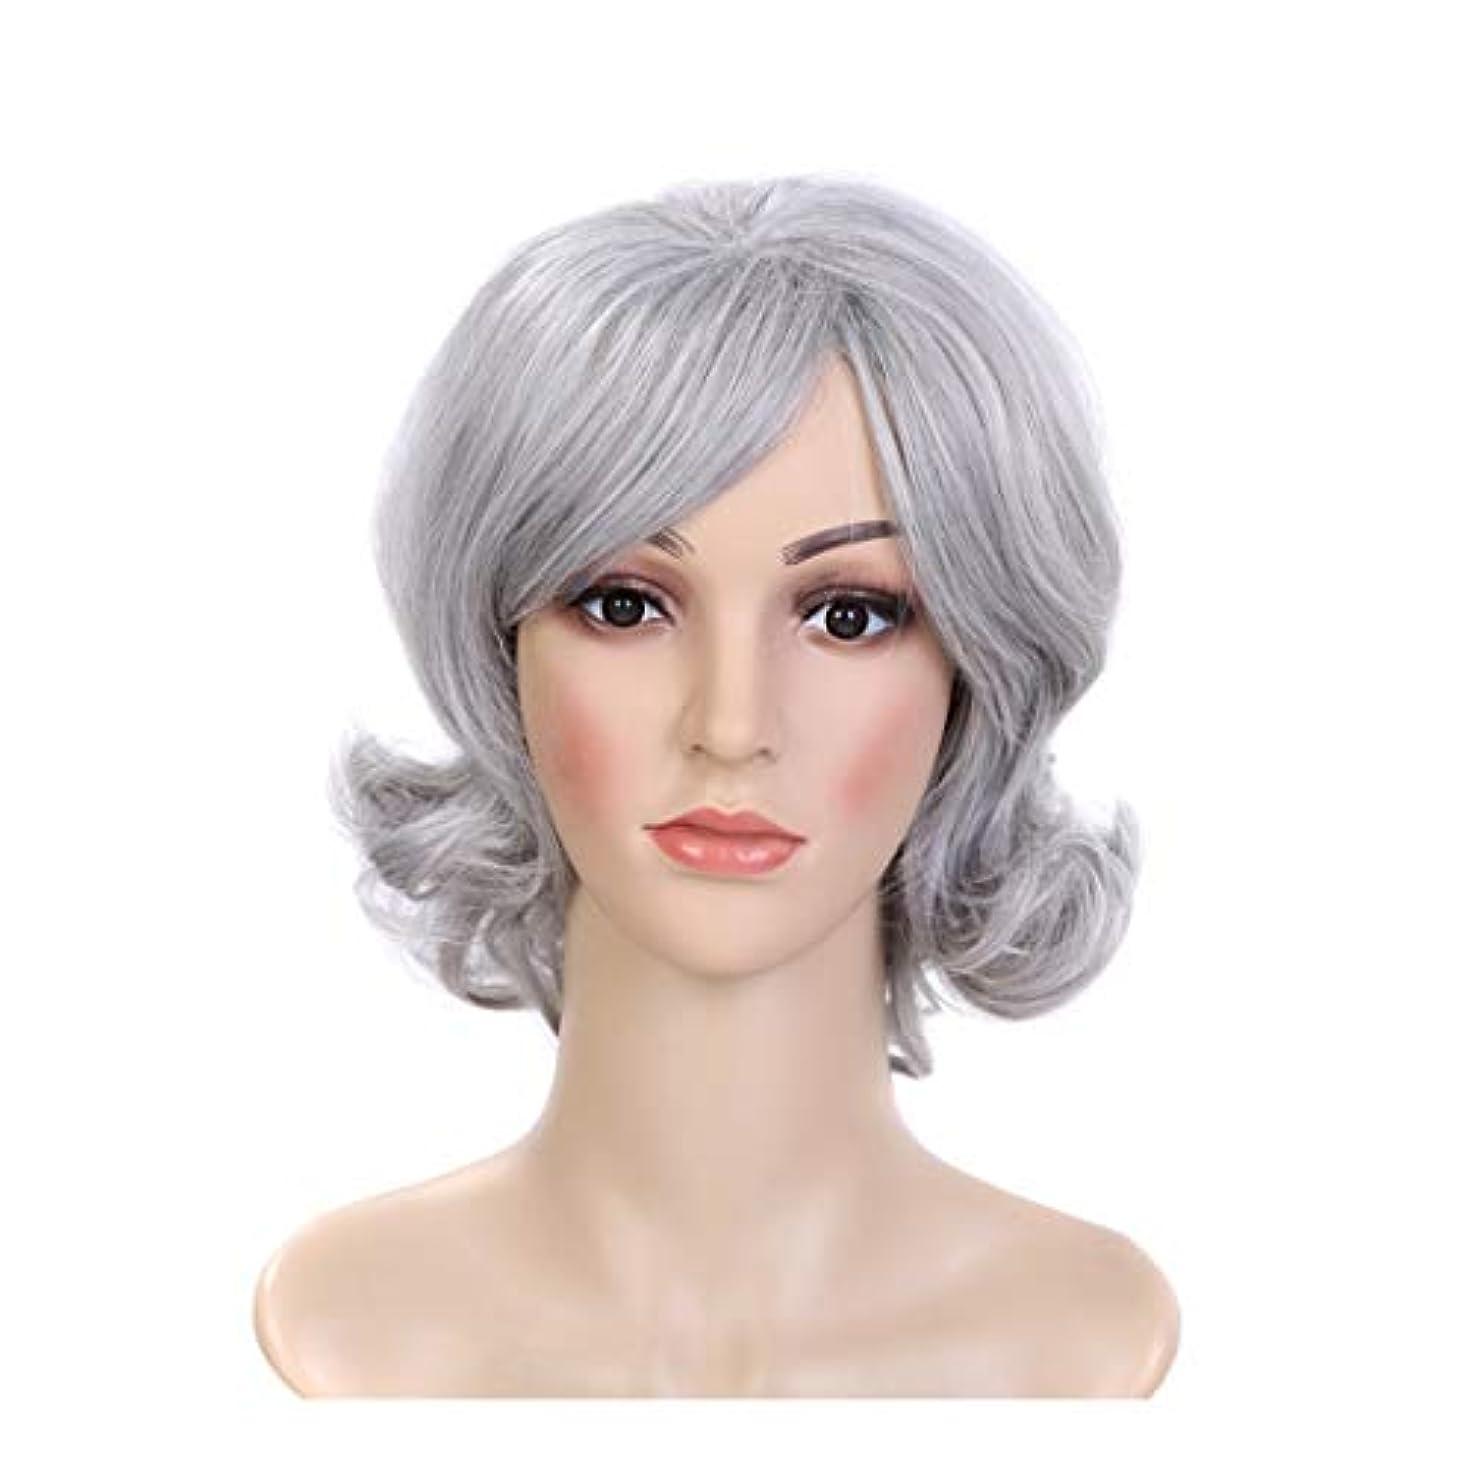 ピュー抑止する第四YOUQIU ホワイト色のウィッグ女性の女の子のかつらのためのショートカーリーヘア合成ふわふわフルウィッグ (色 : Silver grey/grand ash)